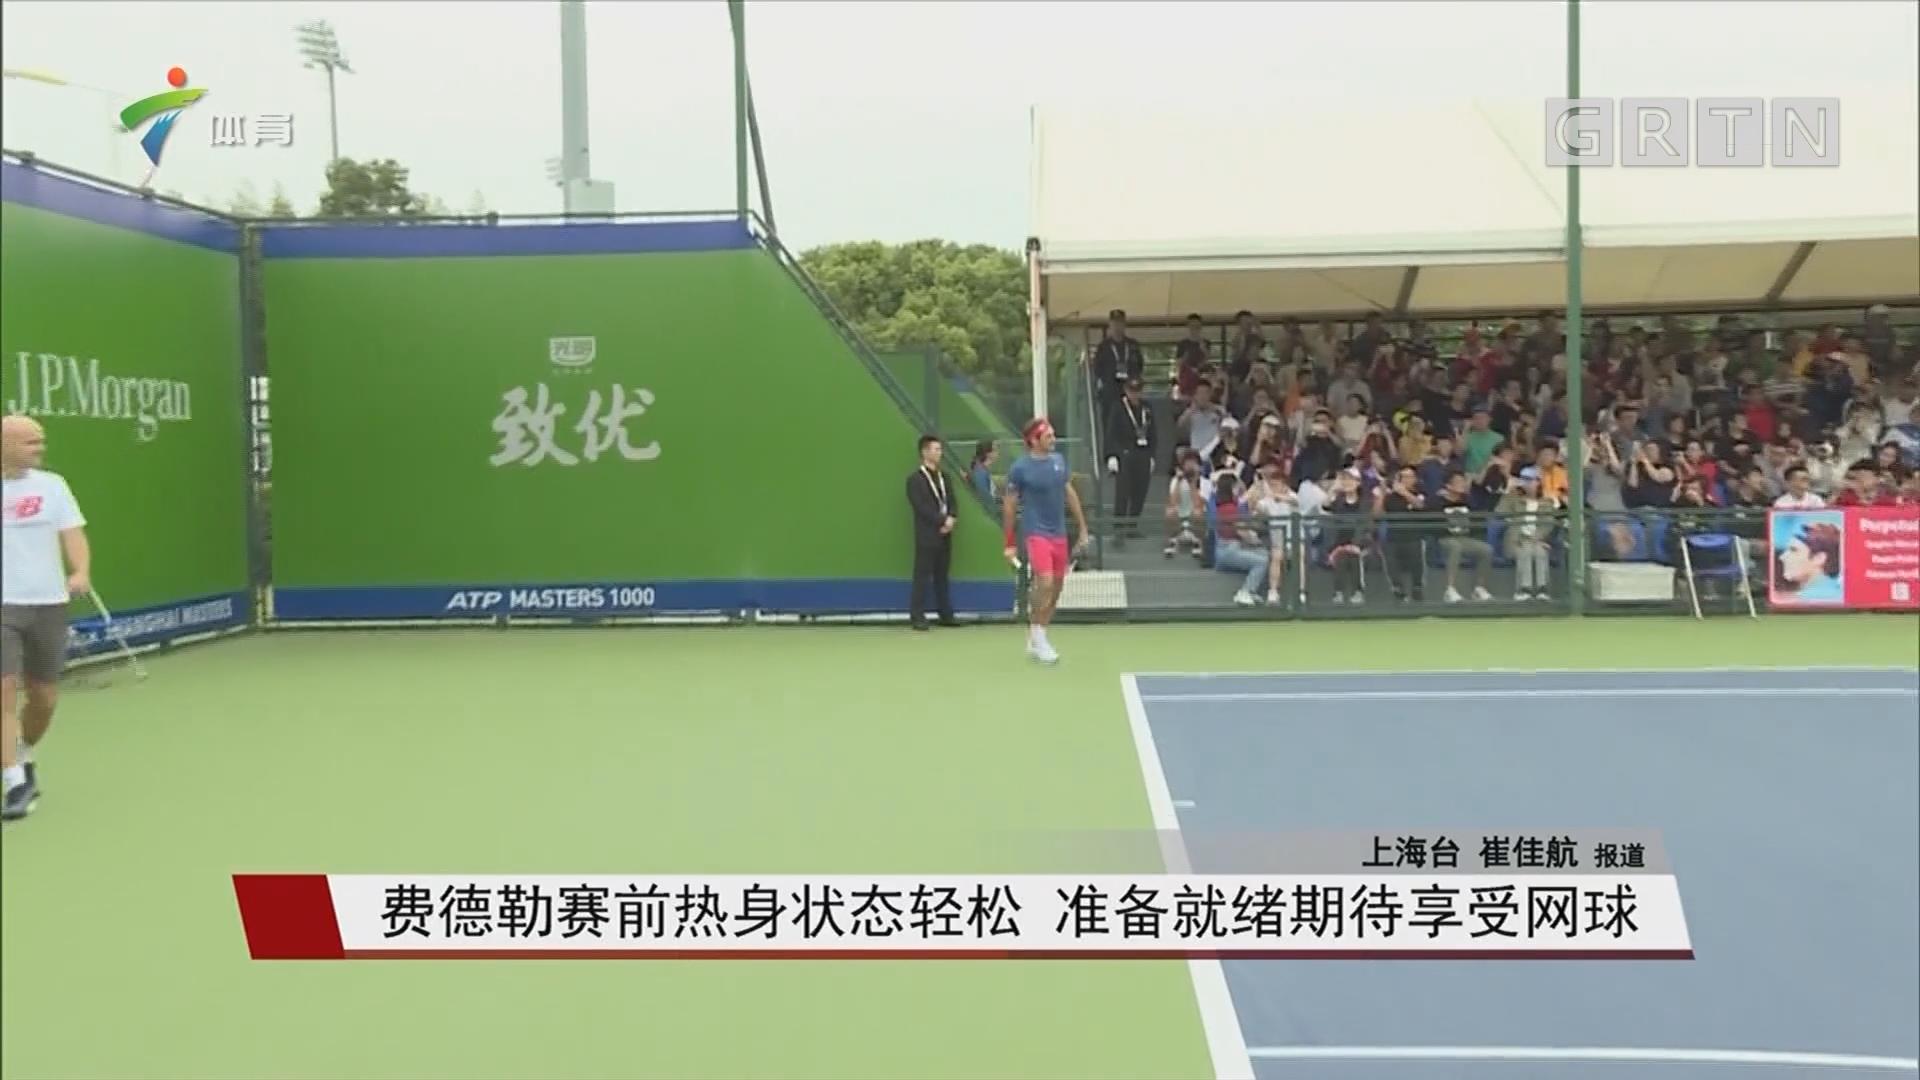 费德勒赛前热身状态轻松 准备就绪期待享受网球